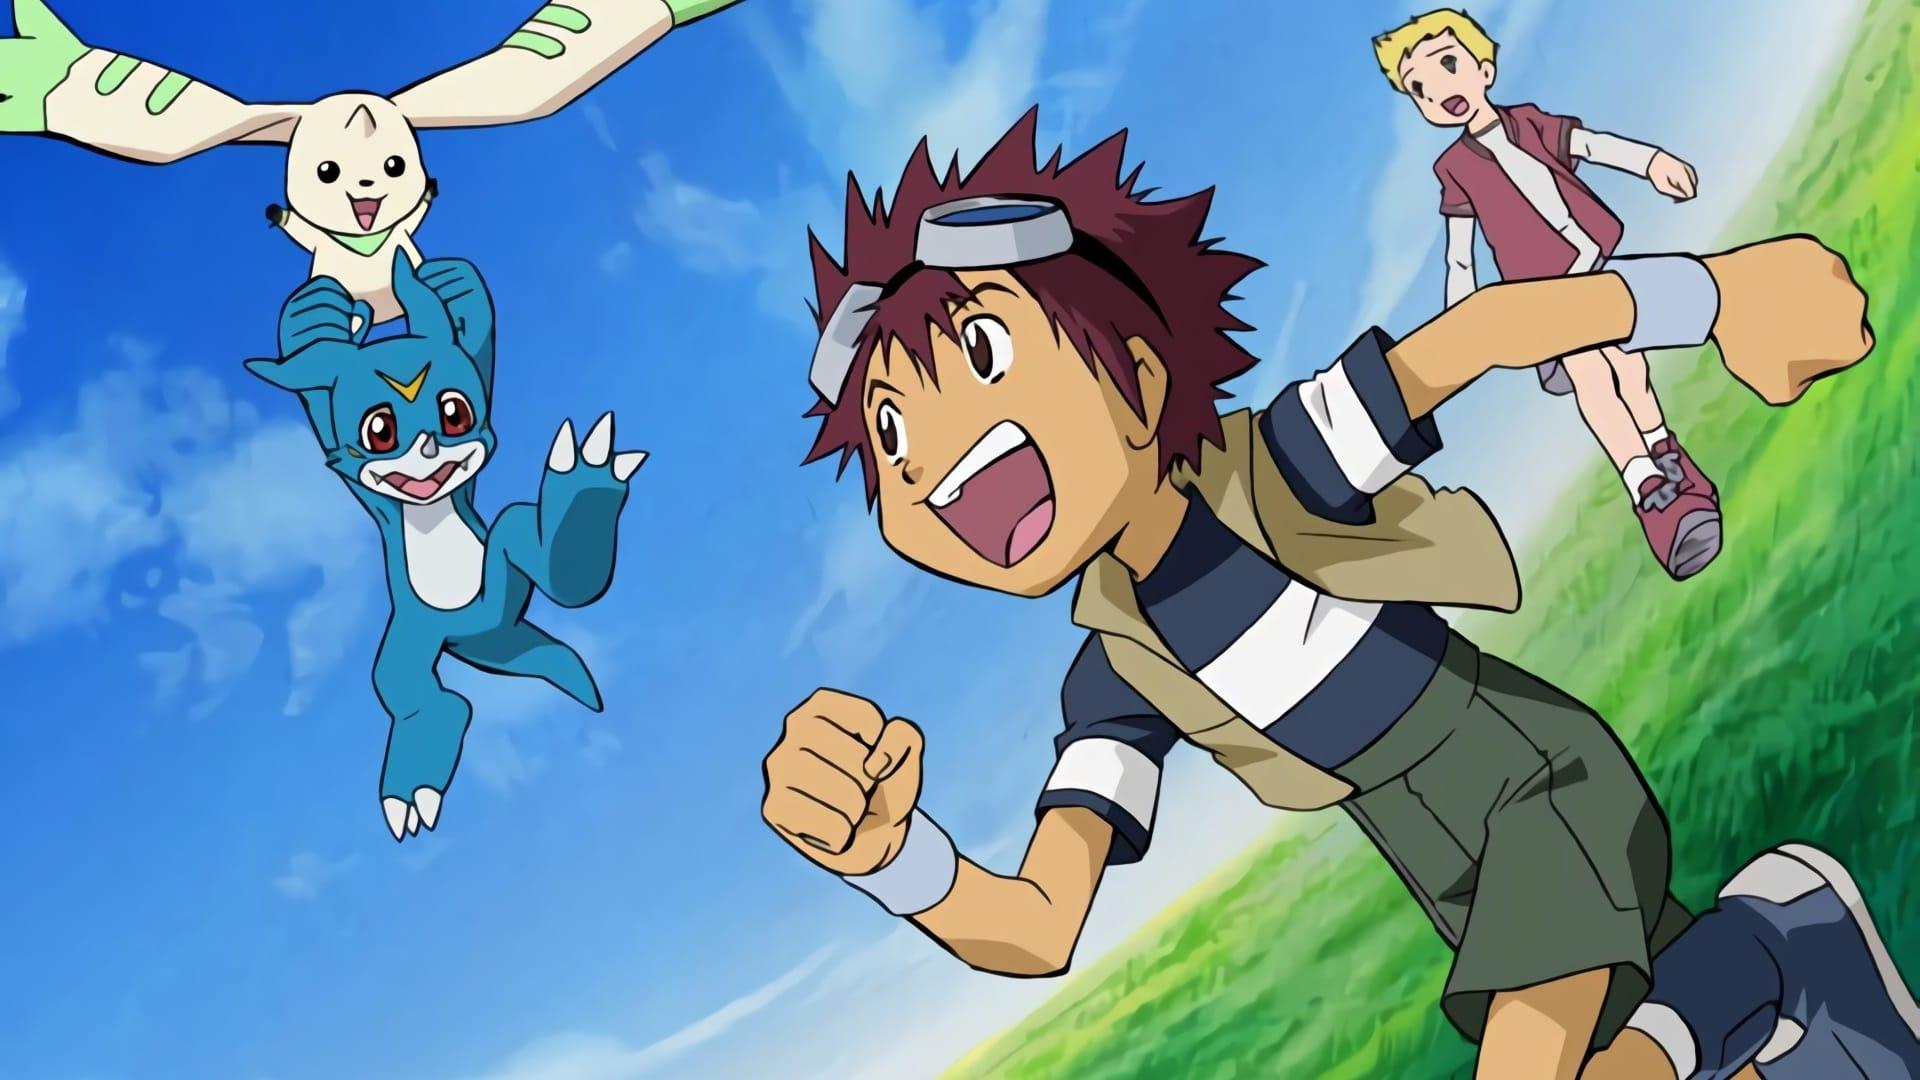 Digimon Adventure 02 – Hurricane Touchdown! The Golden Digimentals